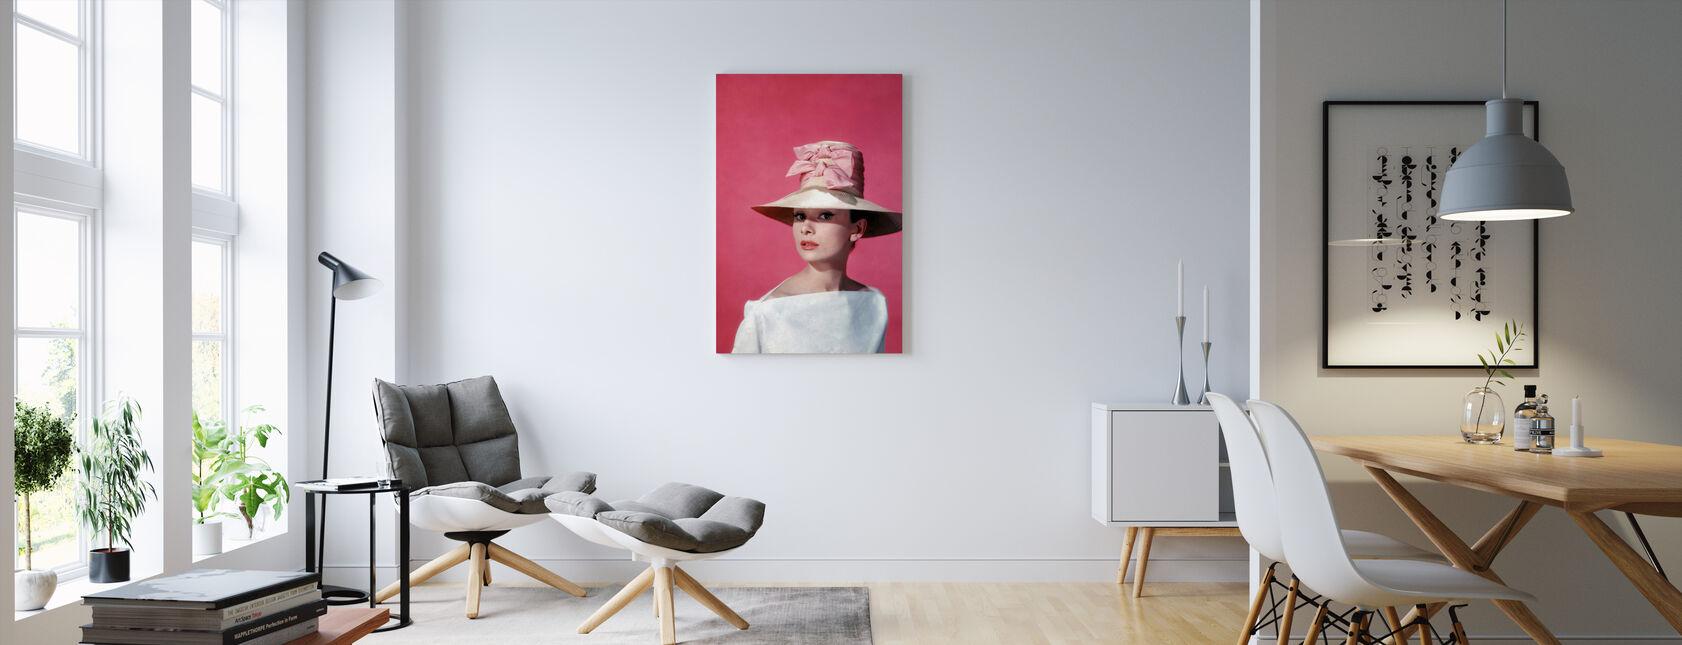 Audrey Hepburn i Funny ansigt - Billede på lærred - Stue